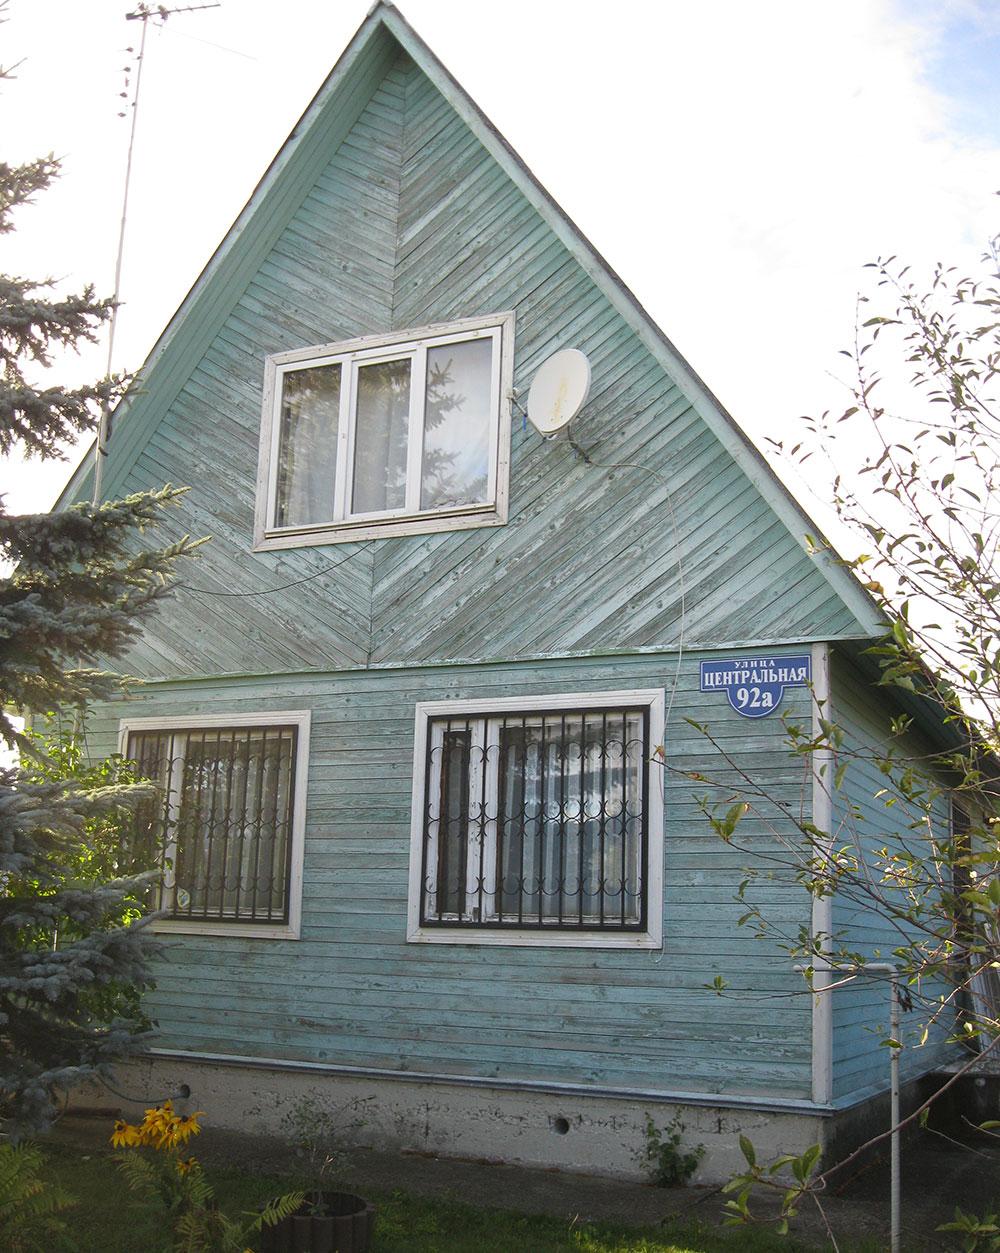 Вряд ли, проходя мимо этого дома, кто-то мечтательно вздыхал хочу жить в таком доме